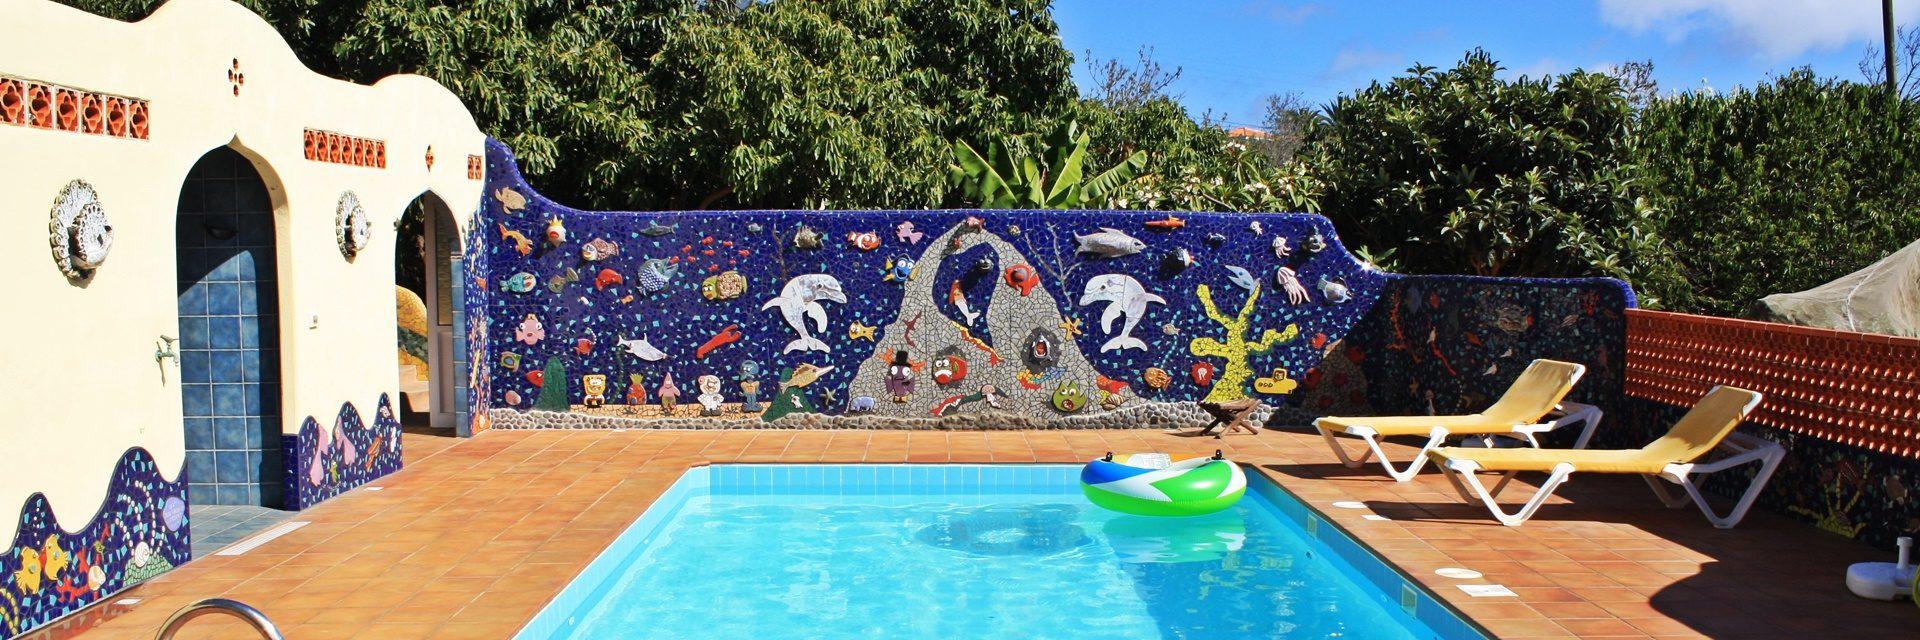 Vakantiebungalow Casa Vista, La Palma, Canarische Eilanden